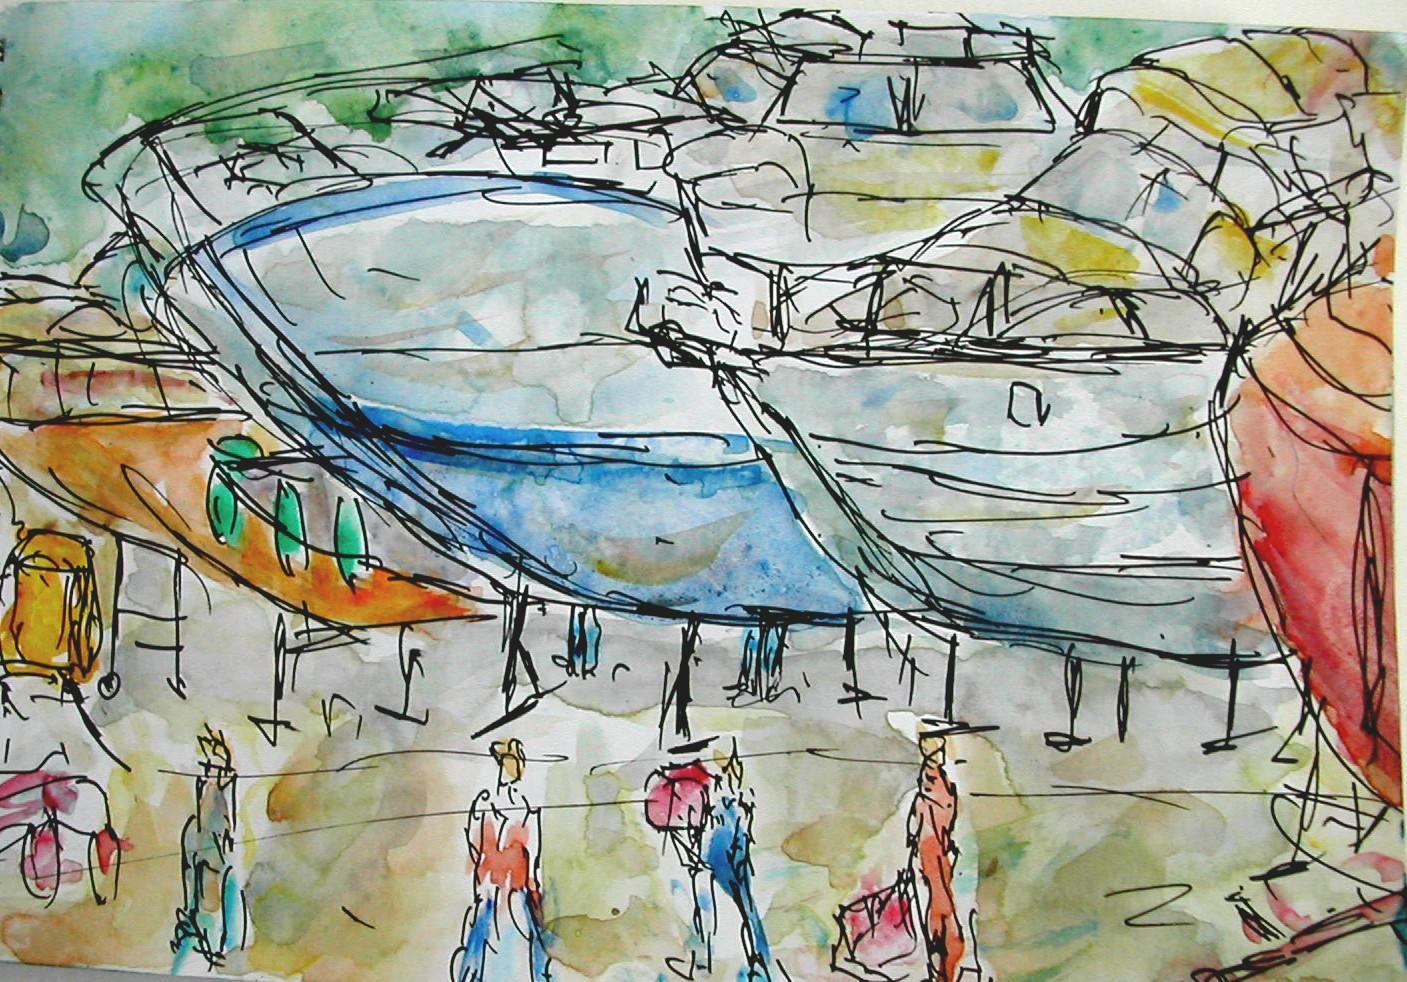 http://media.paperblog.fr/i/240/2402042/bateaux-plaisance-chantier-reparation-dessin--L-1.jpeg